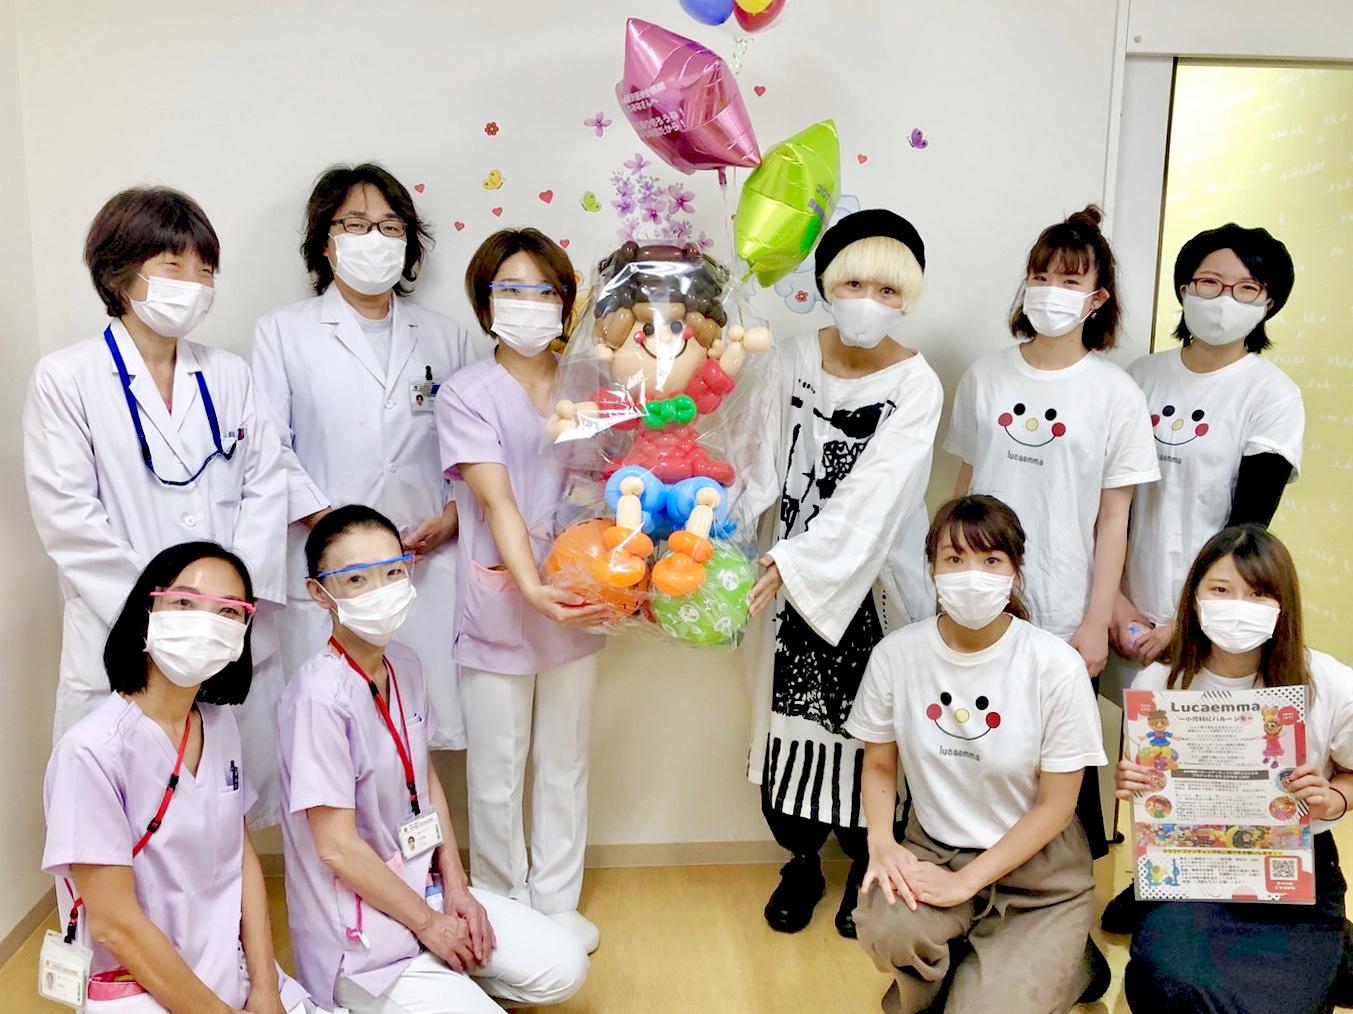 赤十字 コロナ 成田 病院 高槻赤十字病院